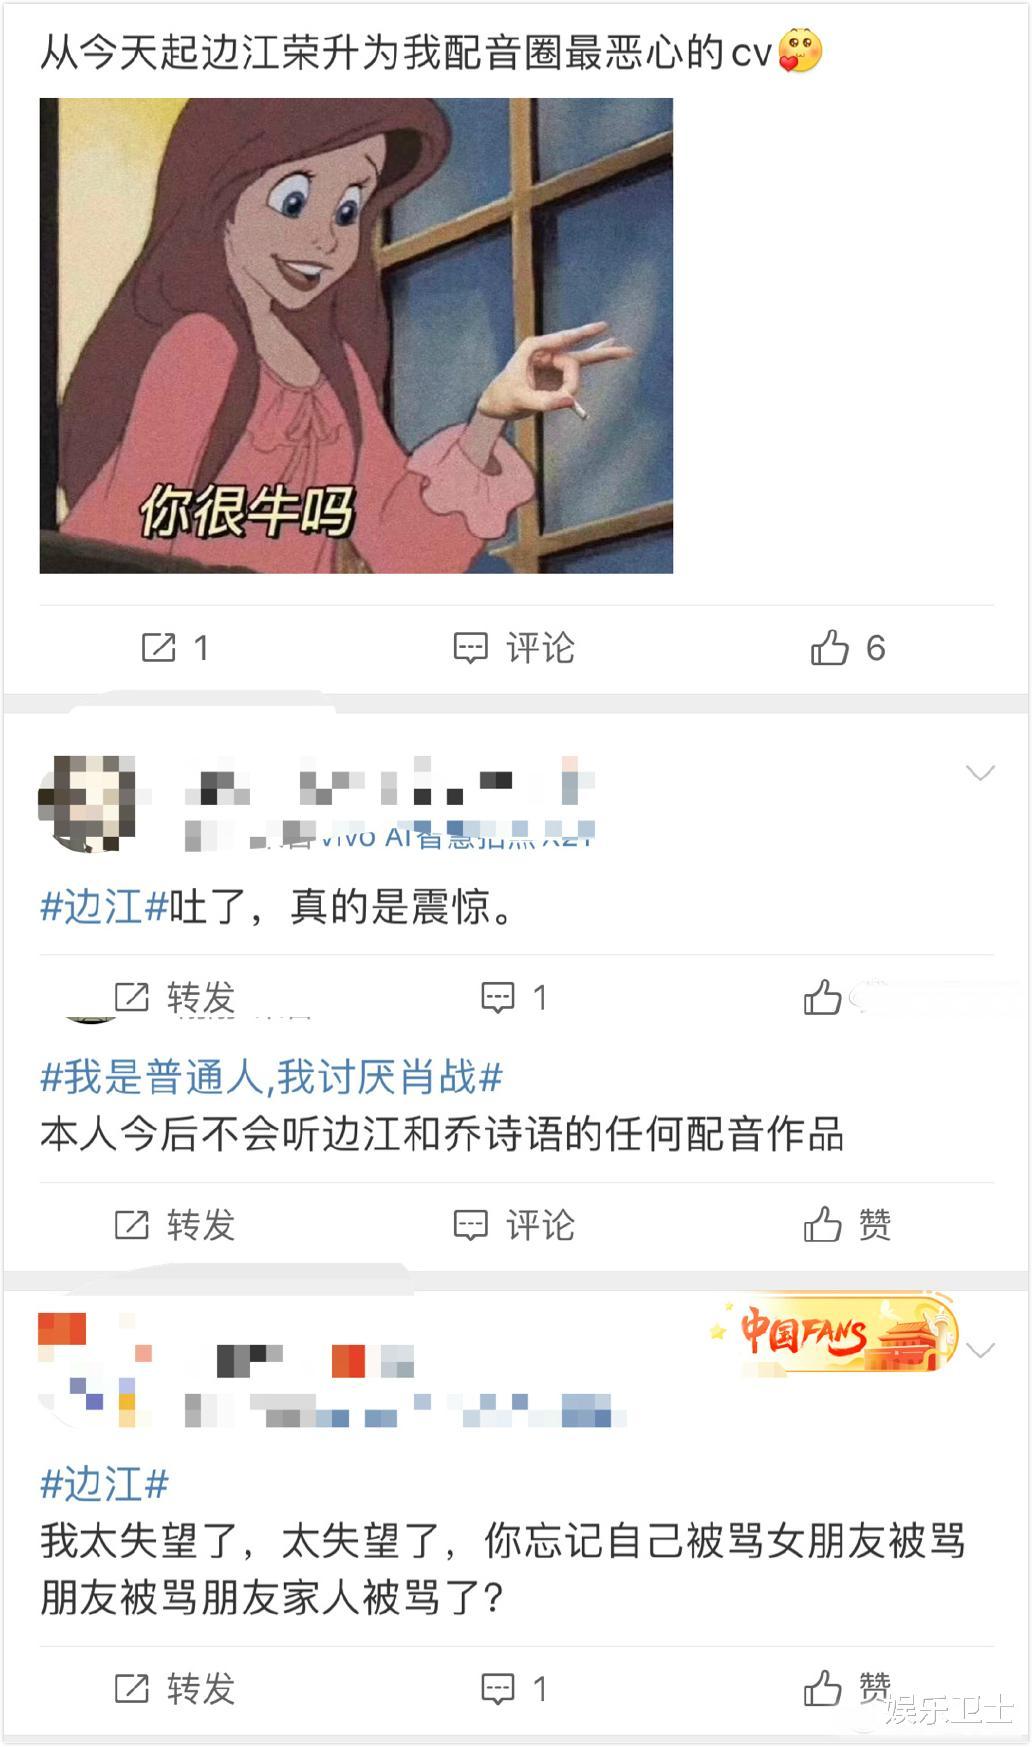 邊江發文道歉顯無奈,已刪除對肖戰生日祝福,曾為《陳情令》王一博配音-圖6